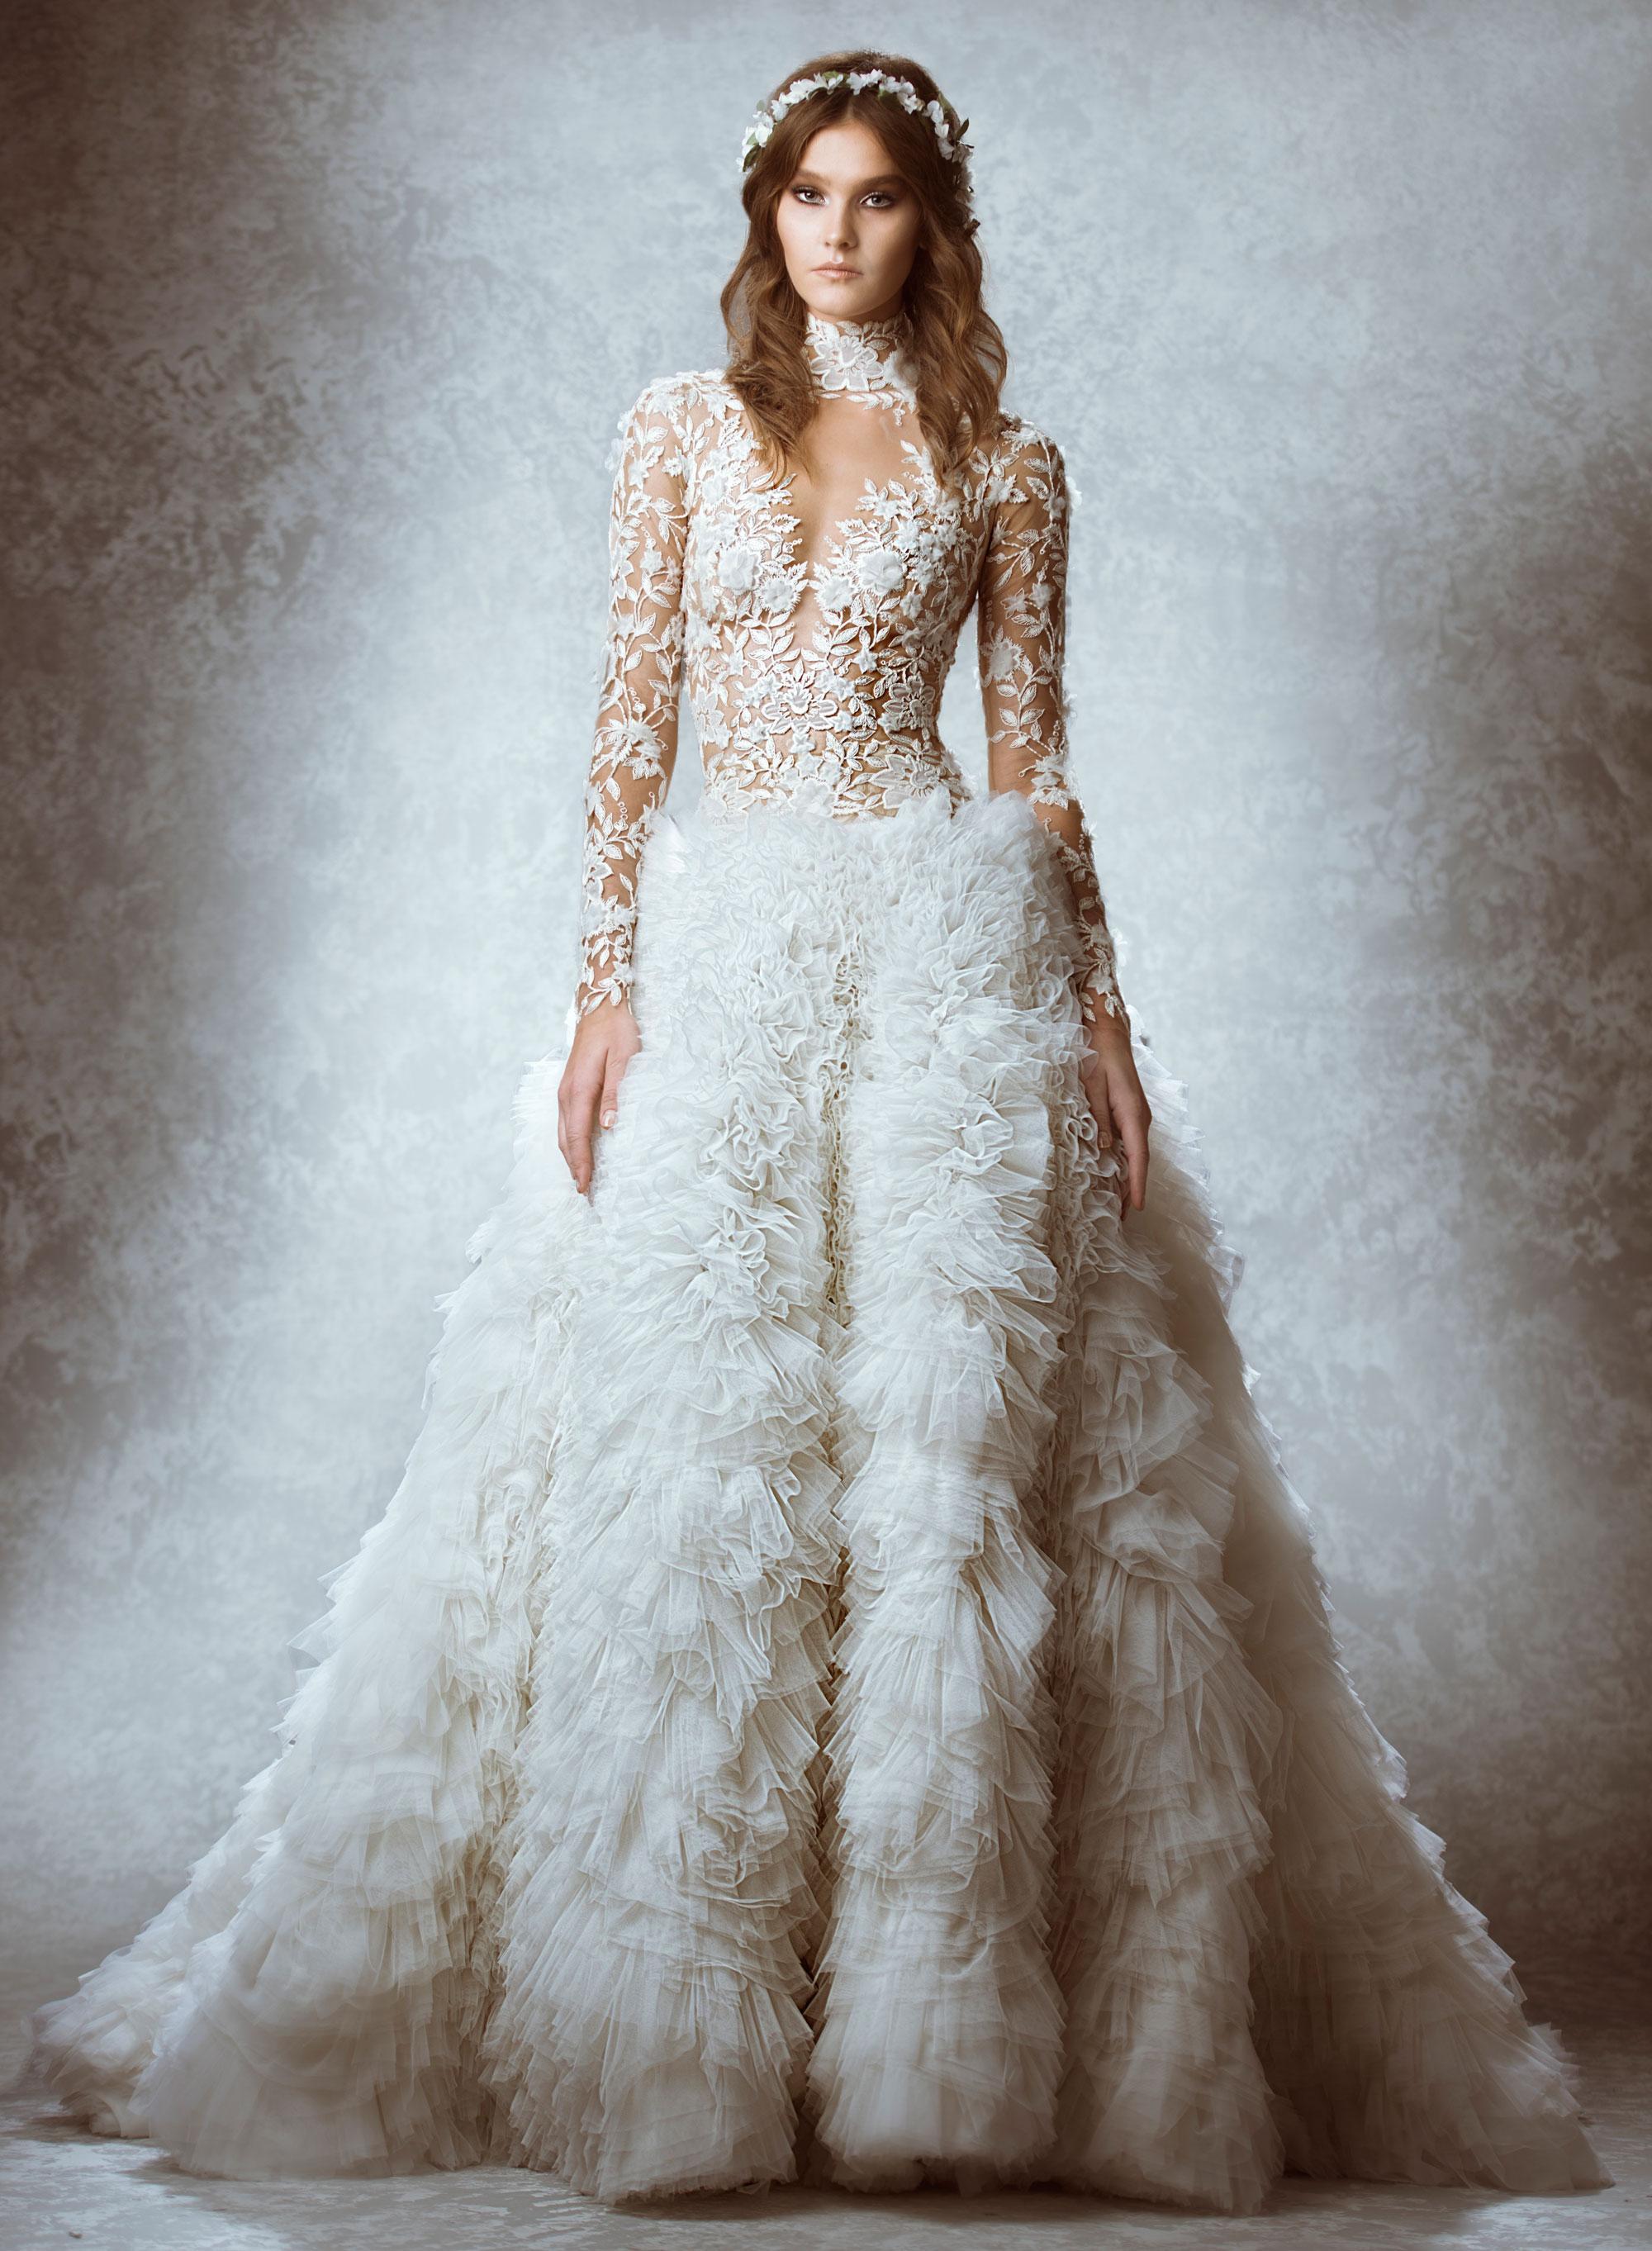 Luxury Wedding Dress Long Sleeve Tulle | Wedding